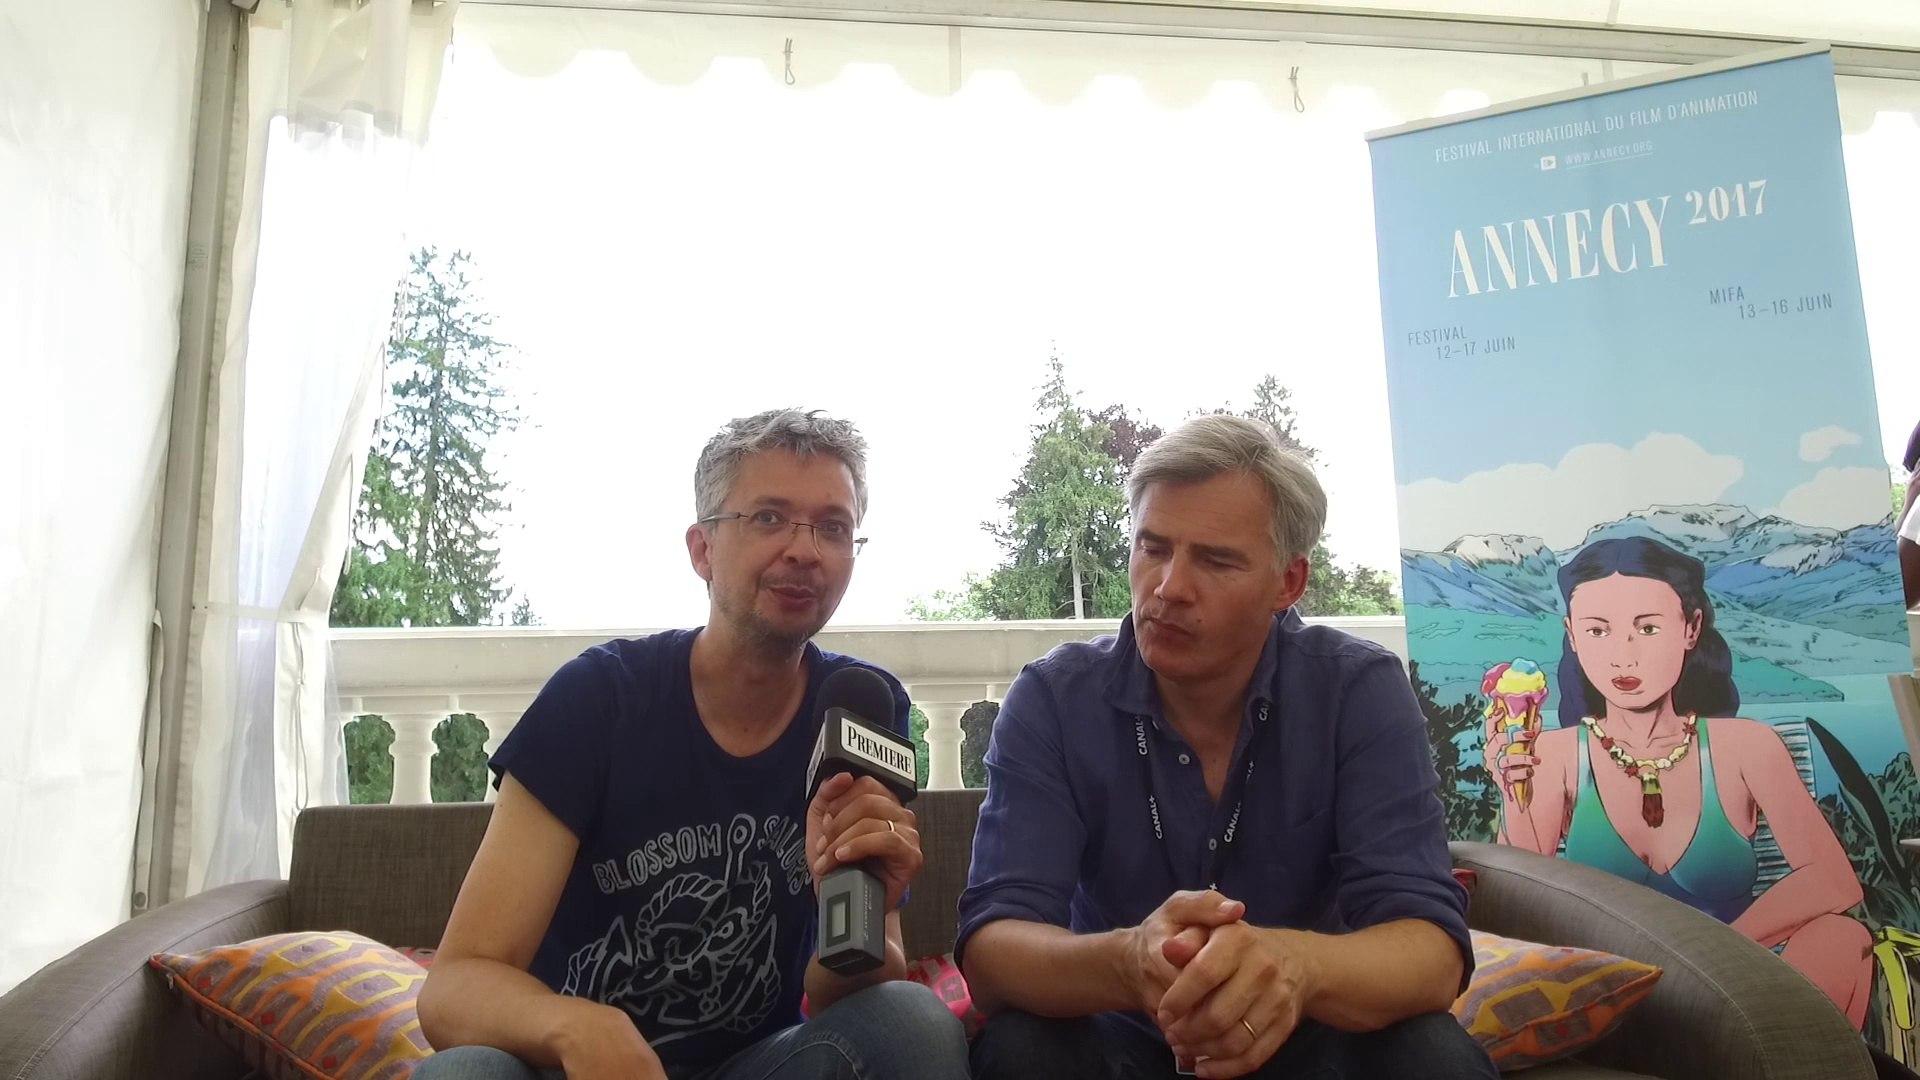 Moi Moche et méchant 3 : Rencontre avec Pierre Coffin et Eric Guillon